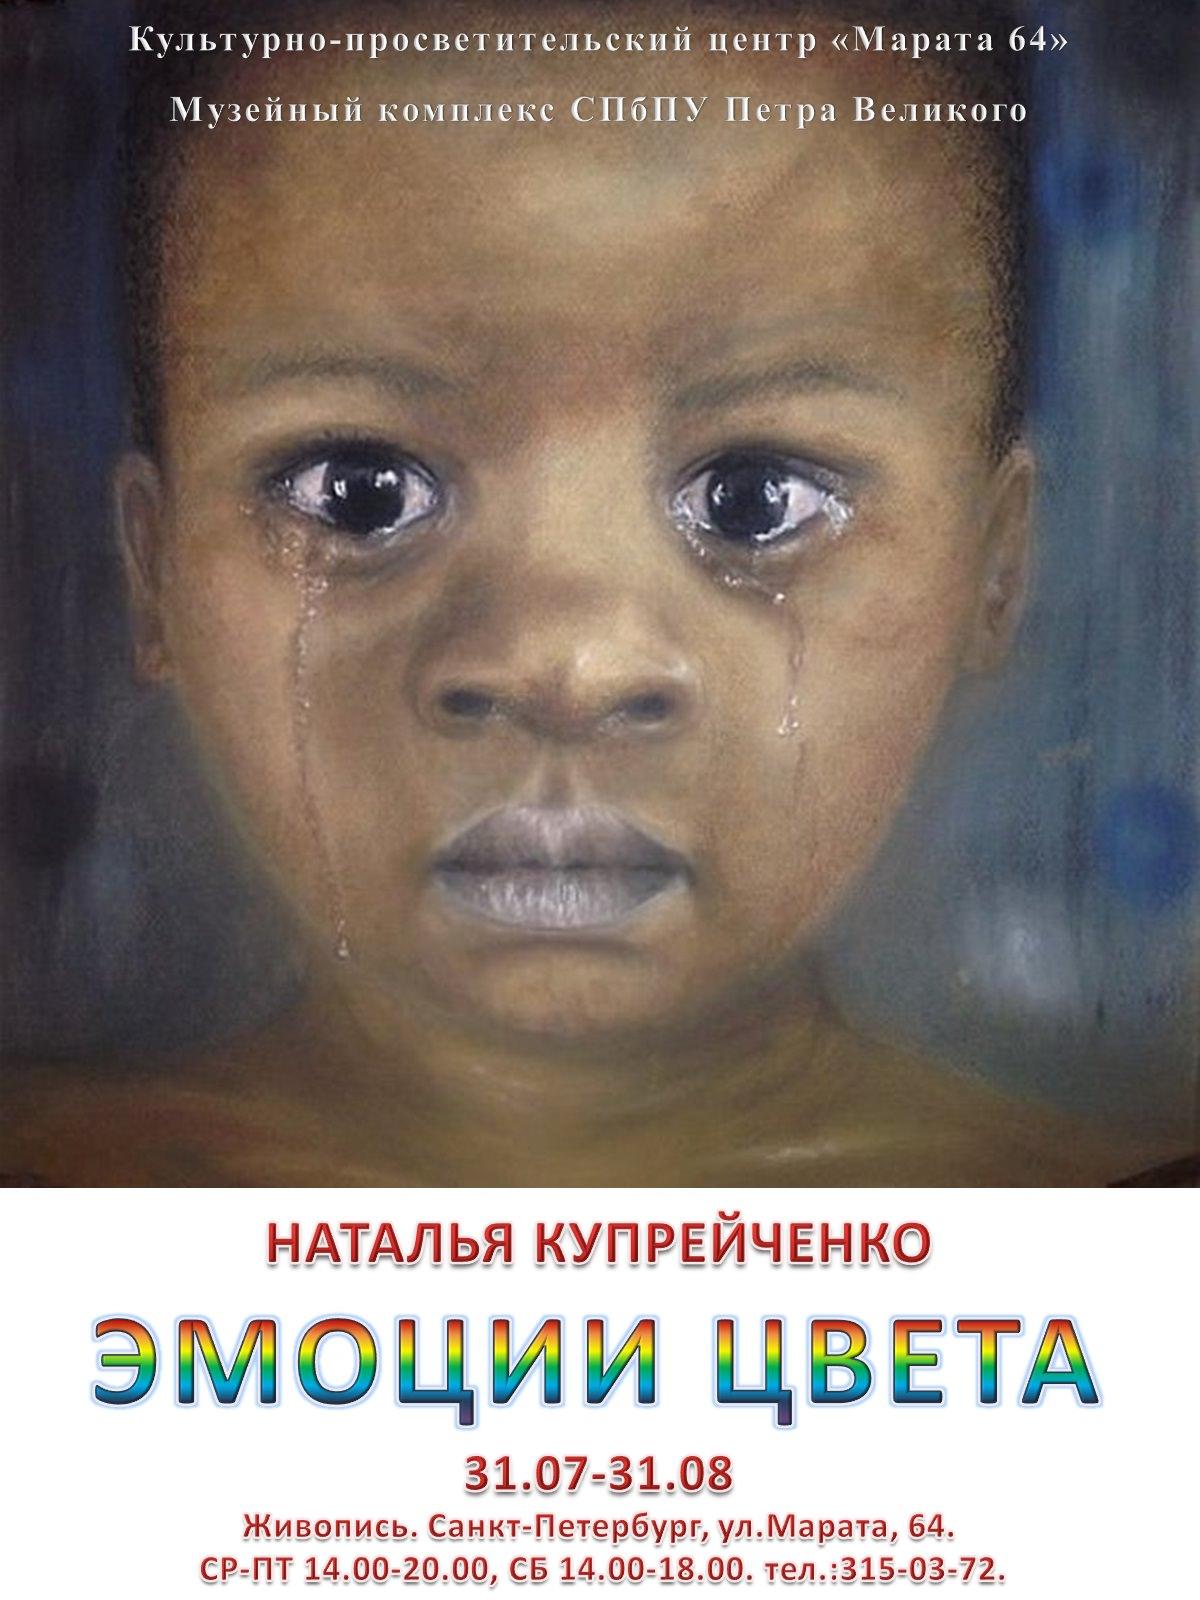 Выставка «Эмоции цвета» Наталья Купрейченко